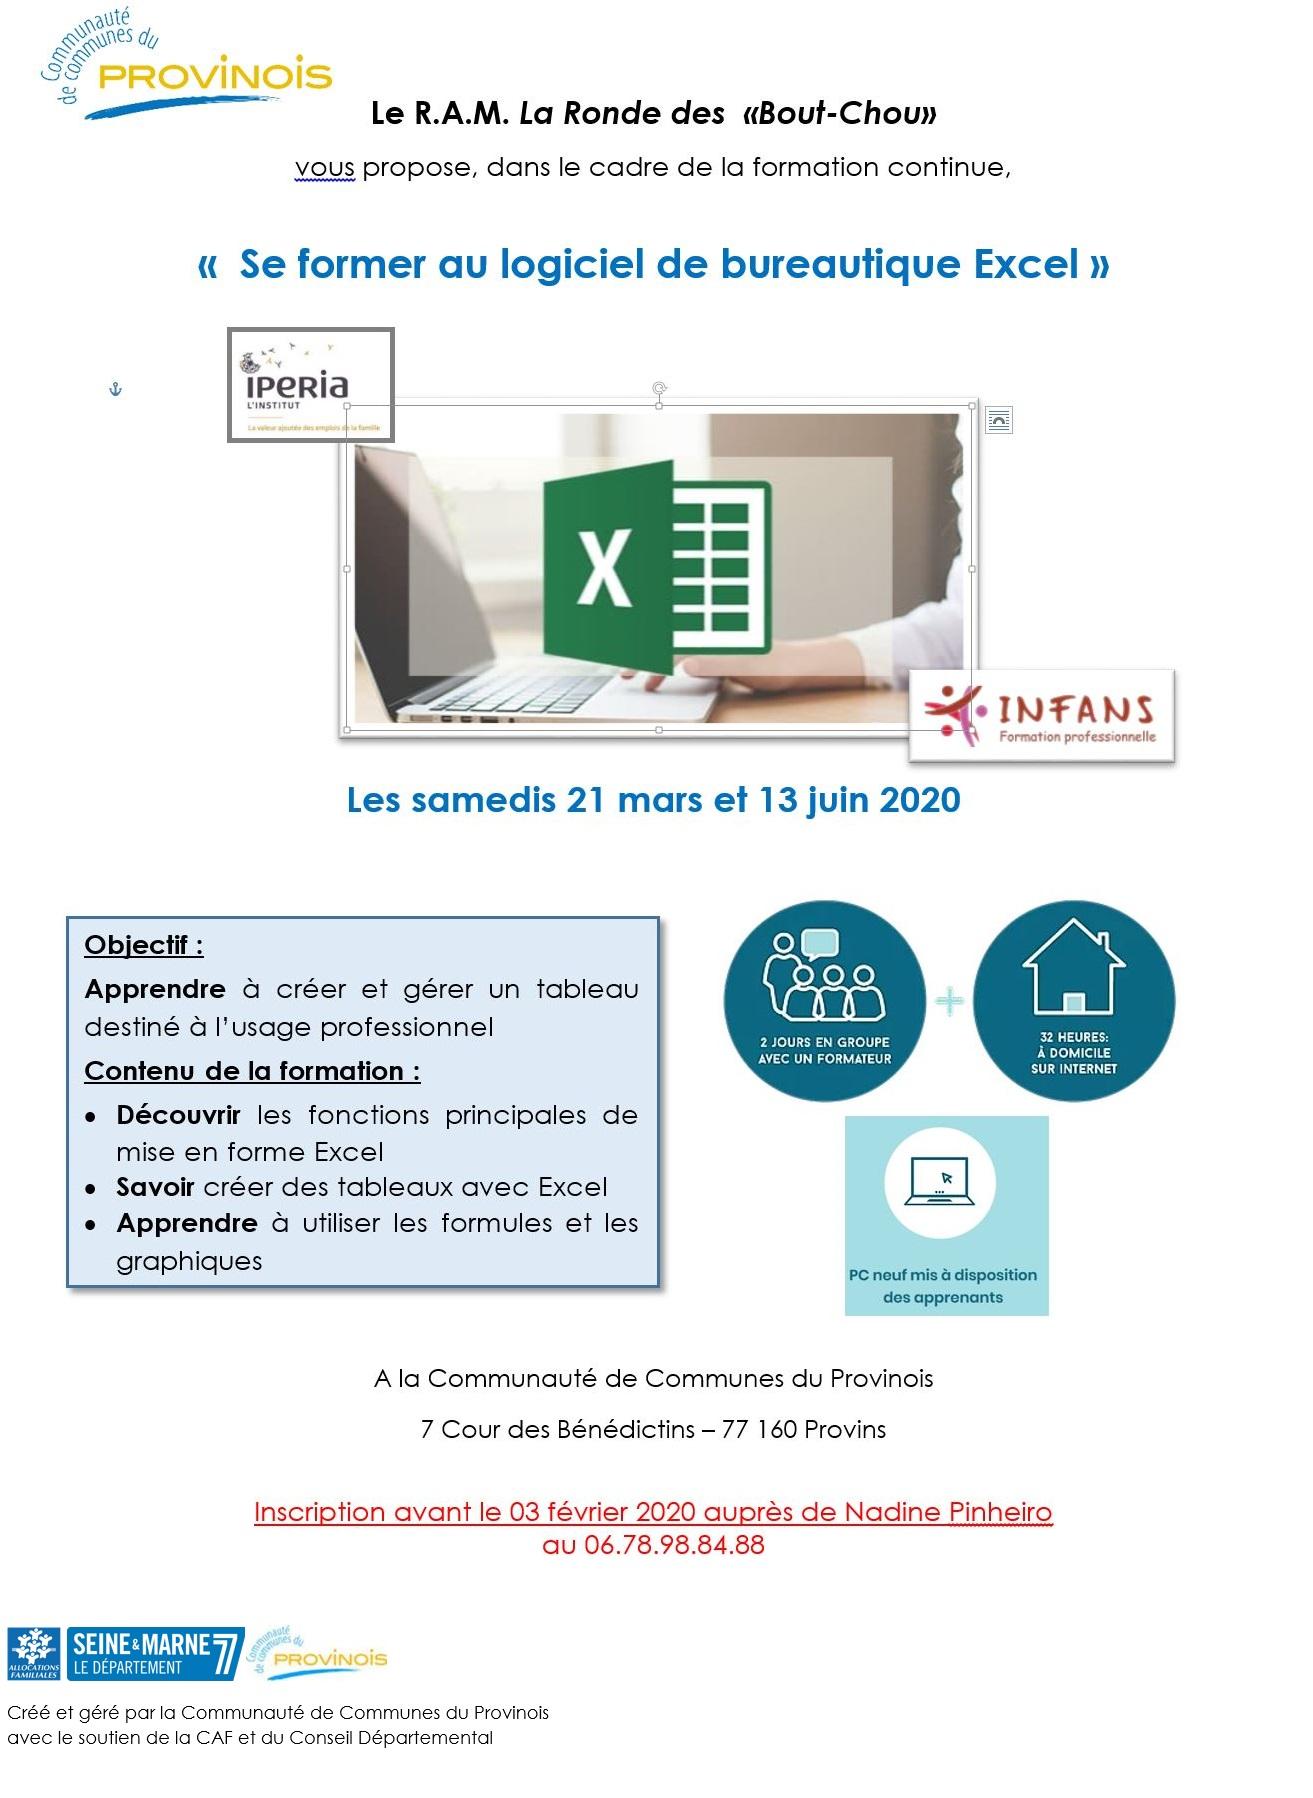 Formation en logiciel bureautique EXCEL @ Communauté de Communes du Provinois